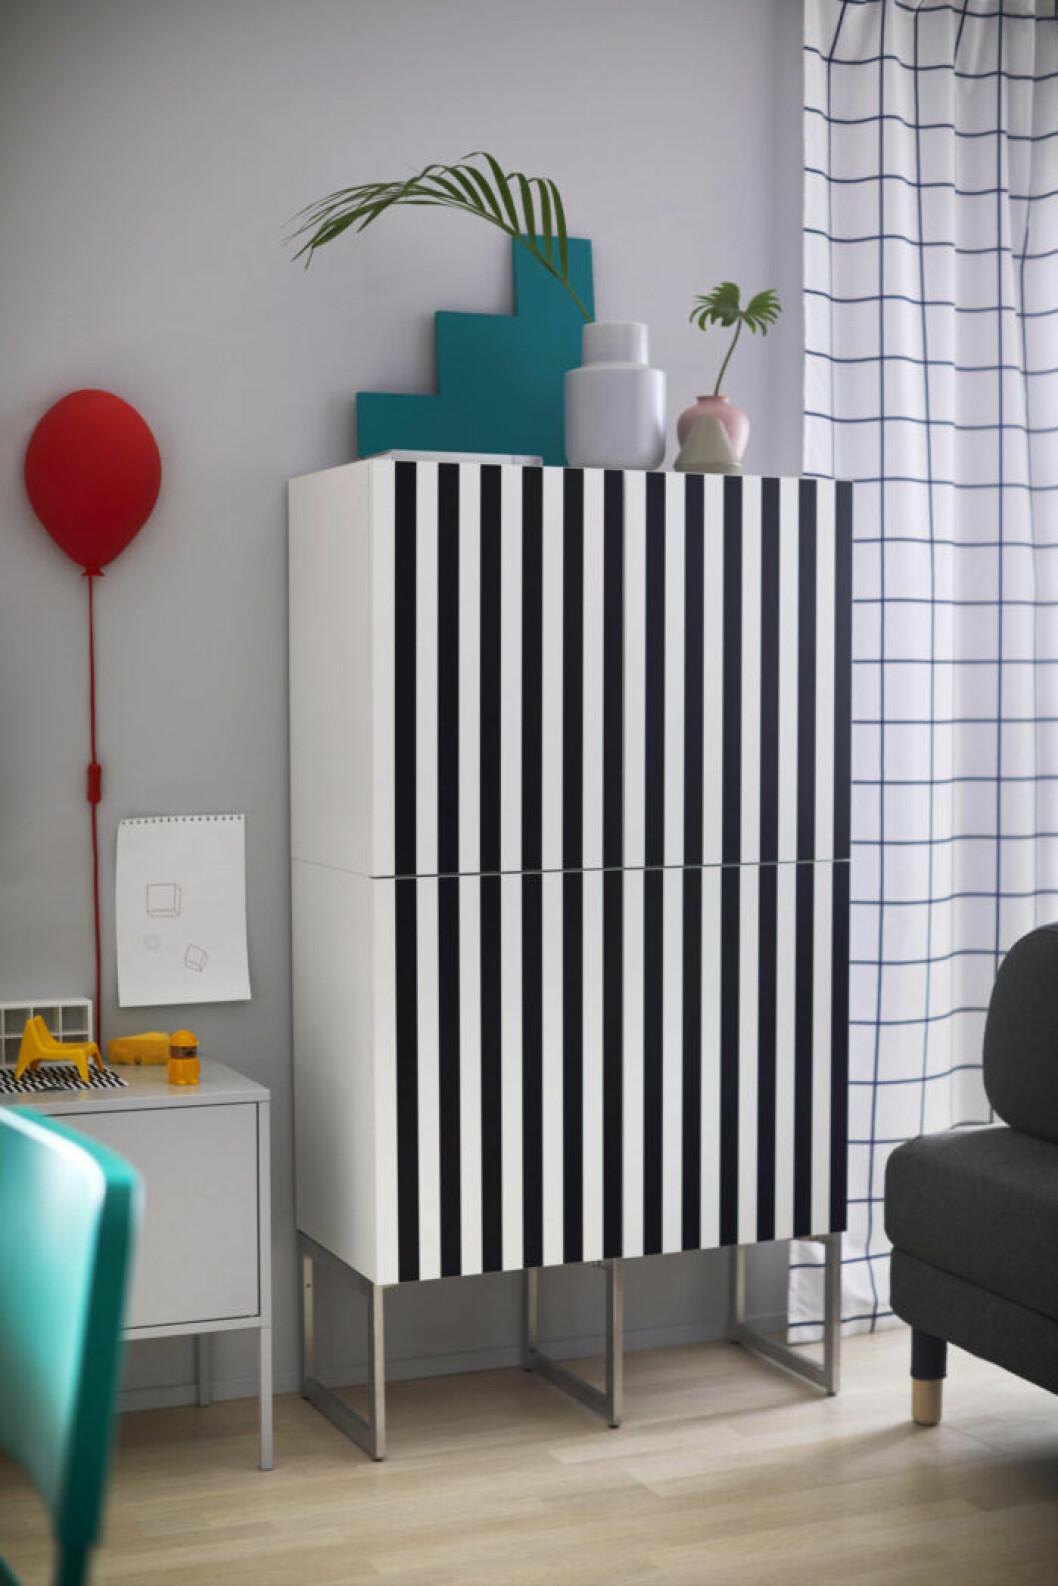 Ytterbyn är en av nyheterna i Ikeas-katalogen våren 2019